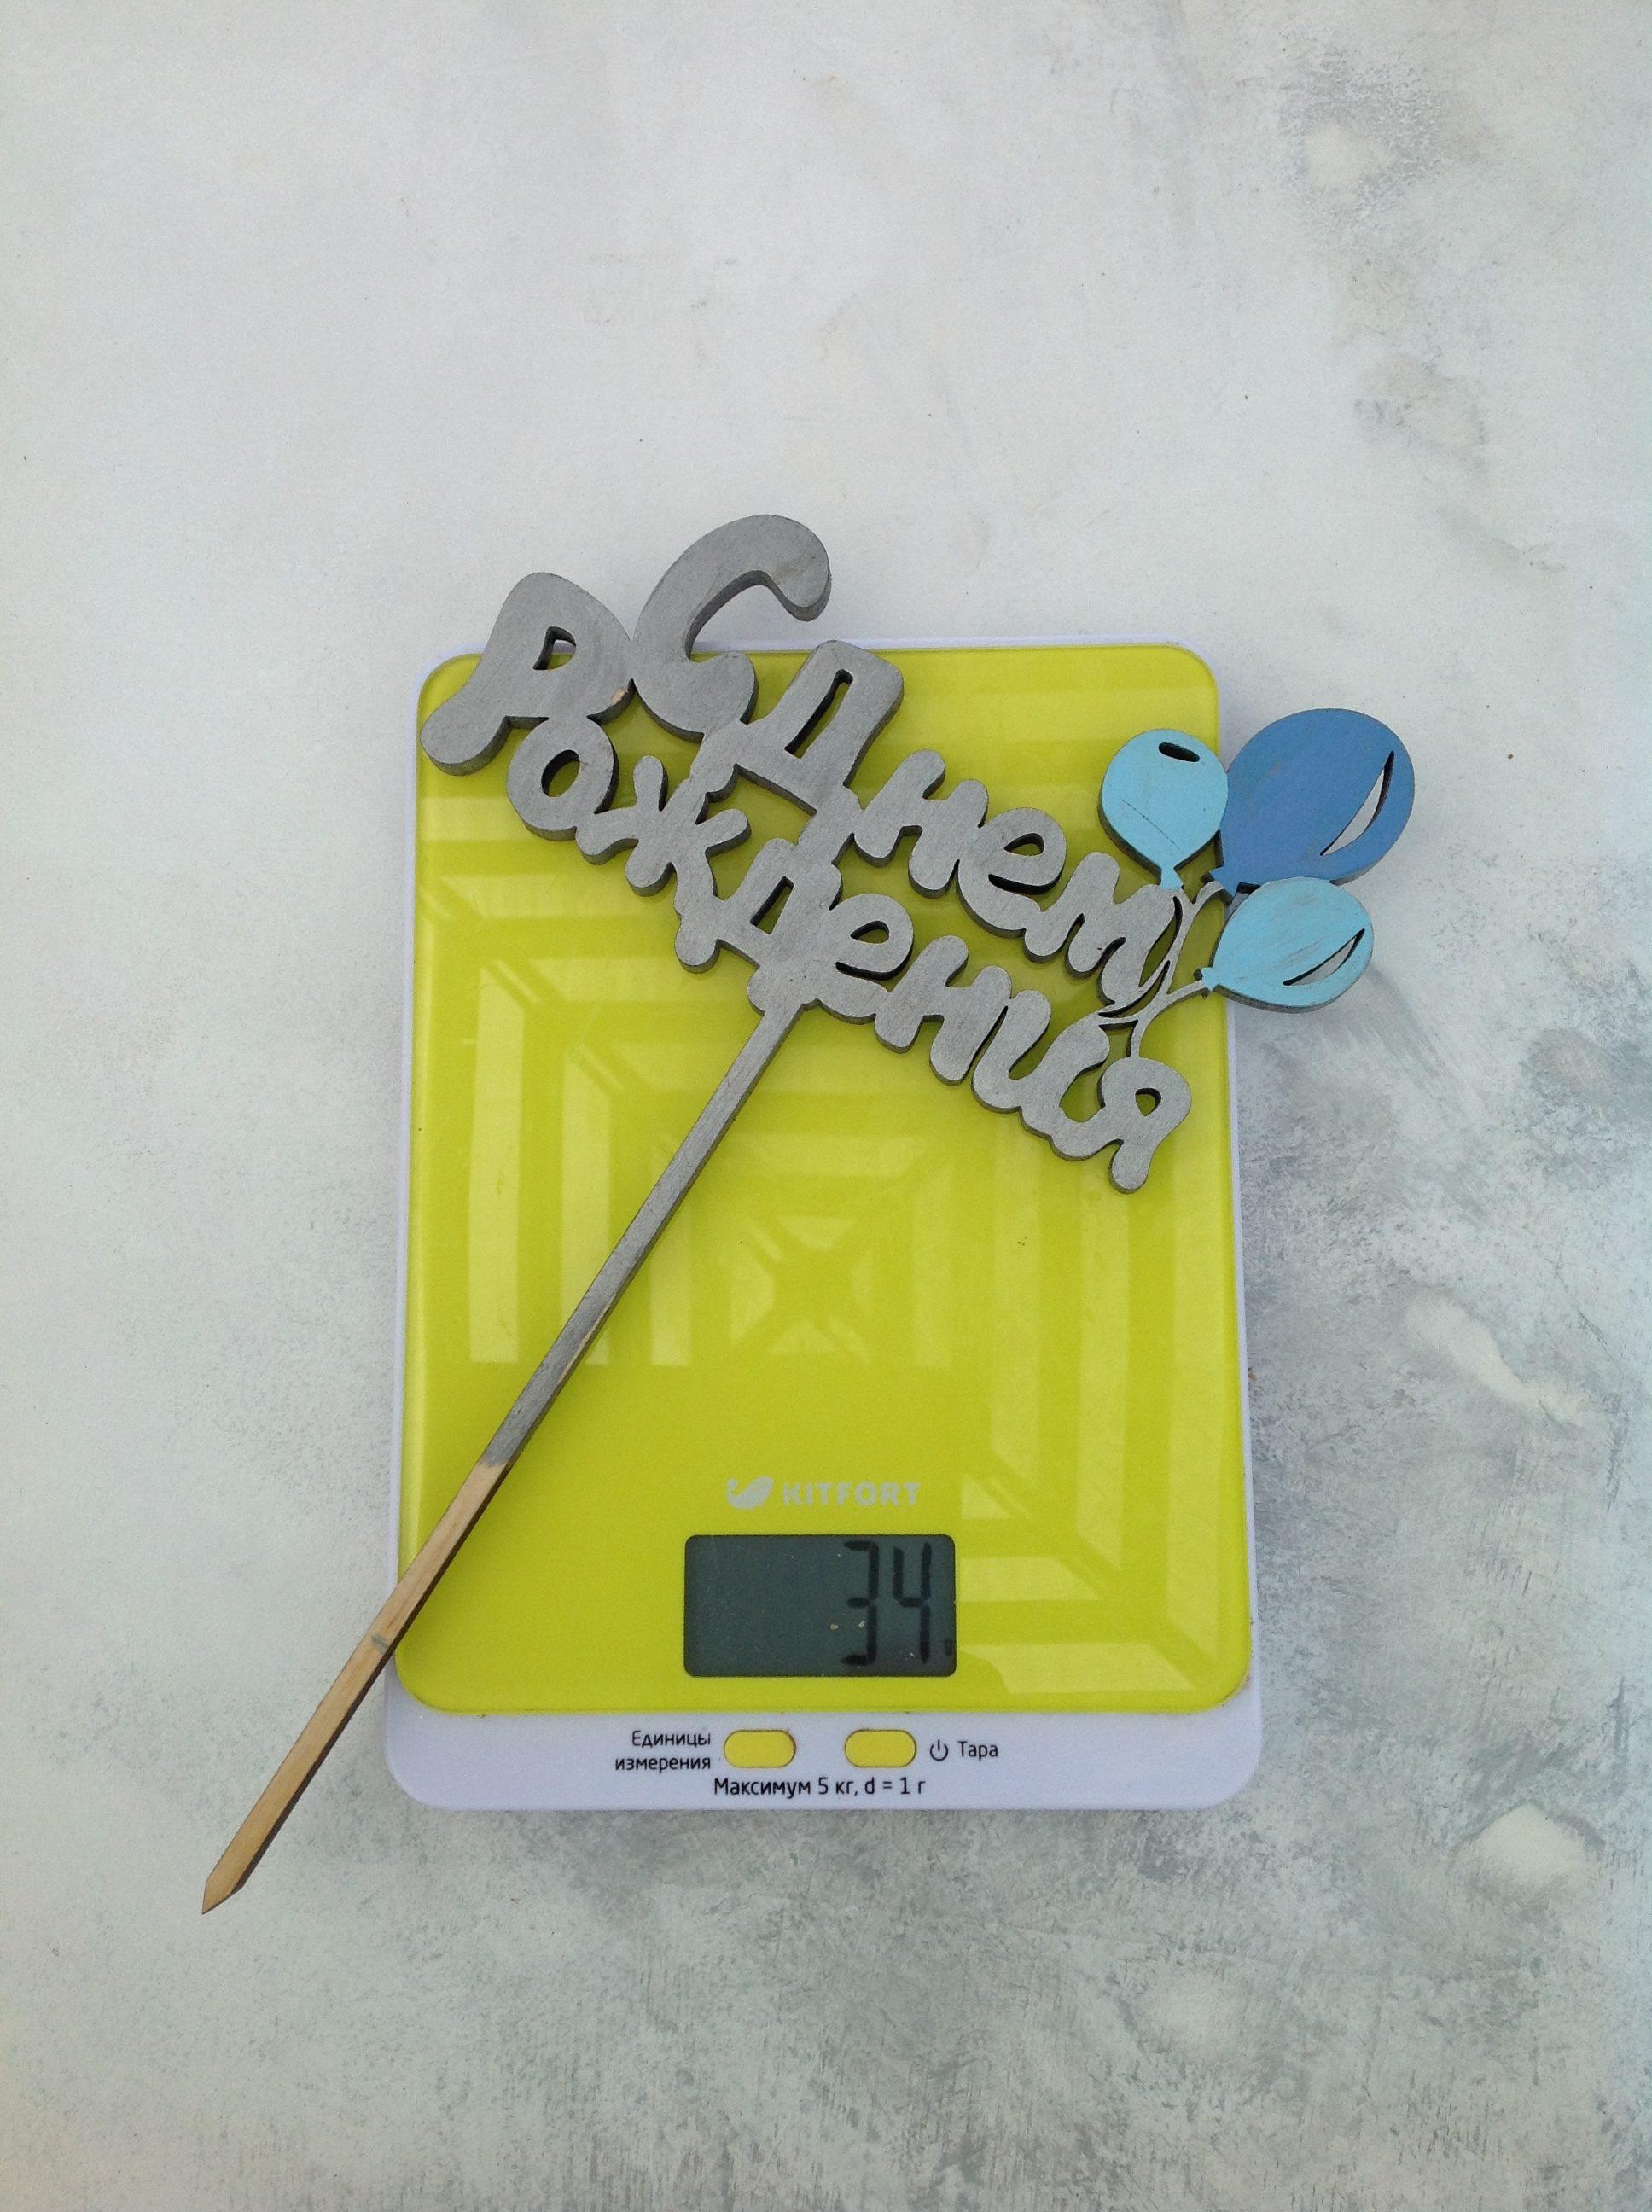 вес топпера из фанеры 4 мм с днем рождения